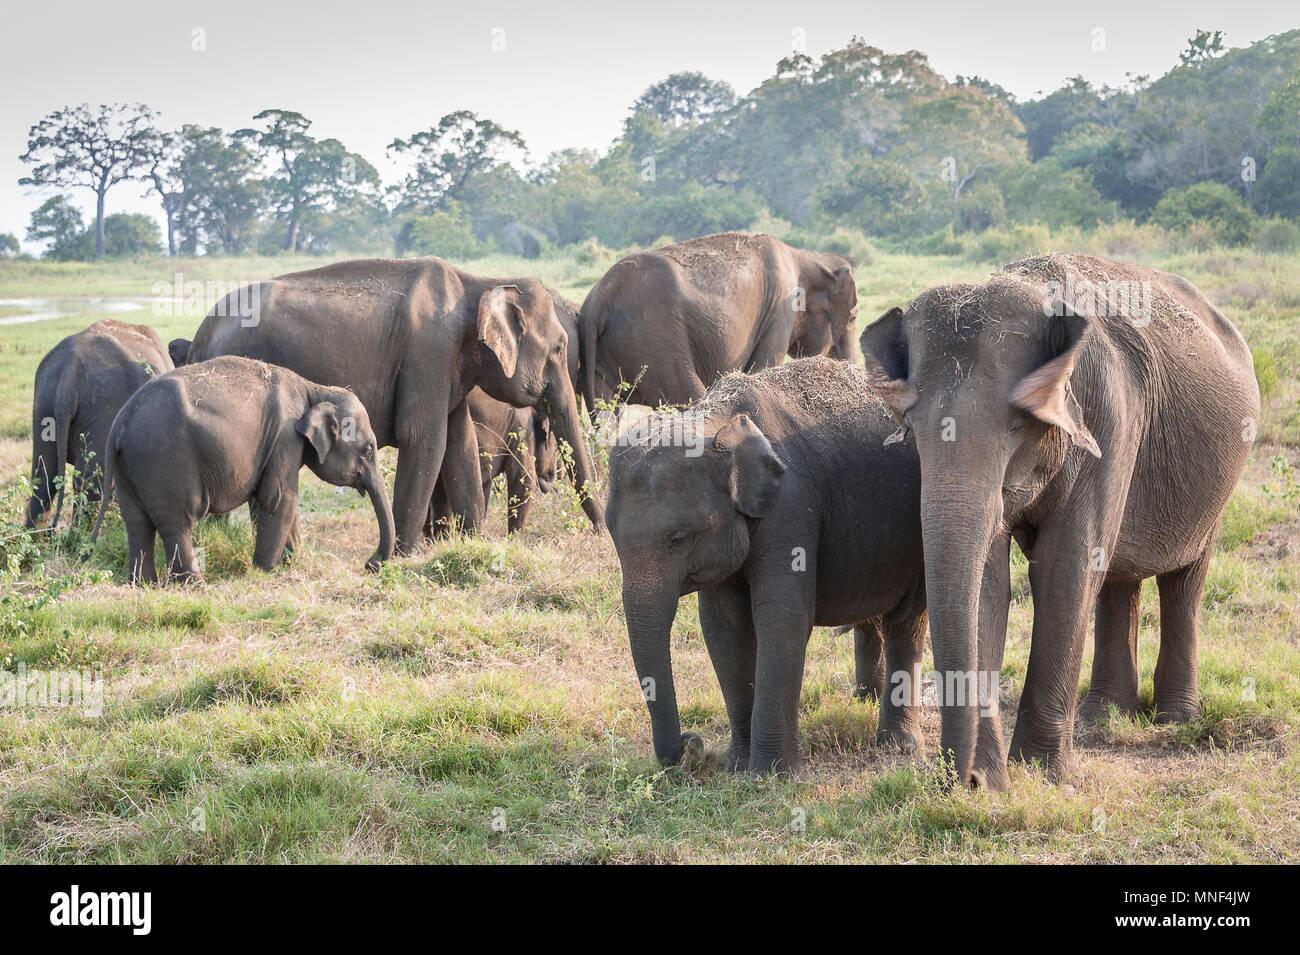 Branco di elefanti indiani (Elephas maximus) pascolare sui prati in Minerriya National Park, Sri Lanka. Pacifica scena al tramonto in un paesaggio verde Immagini Stock